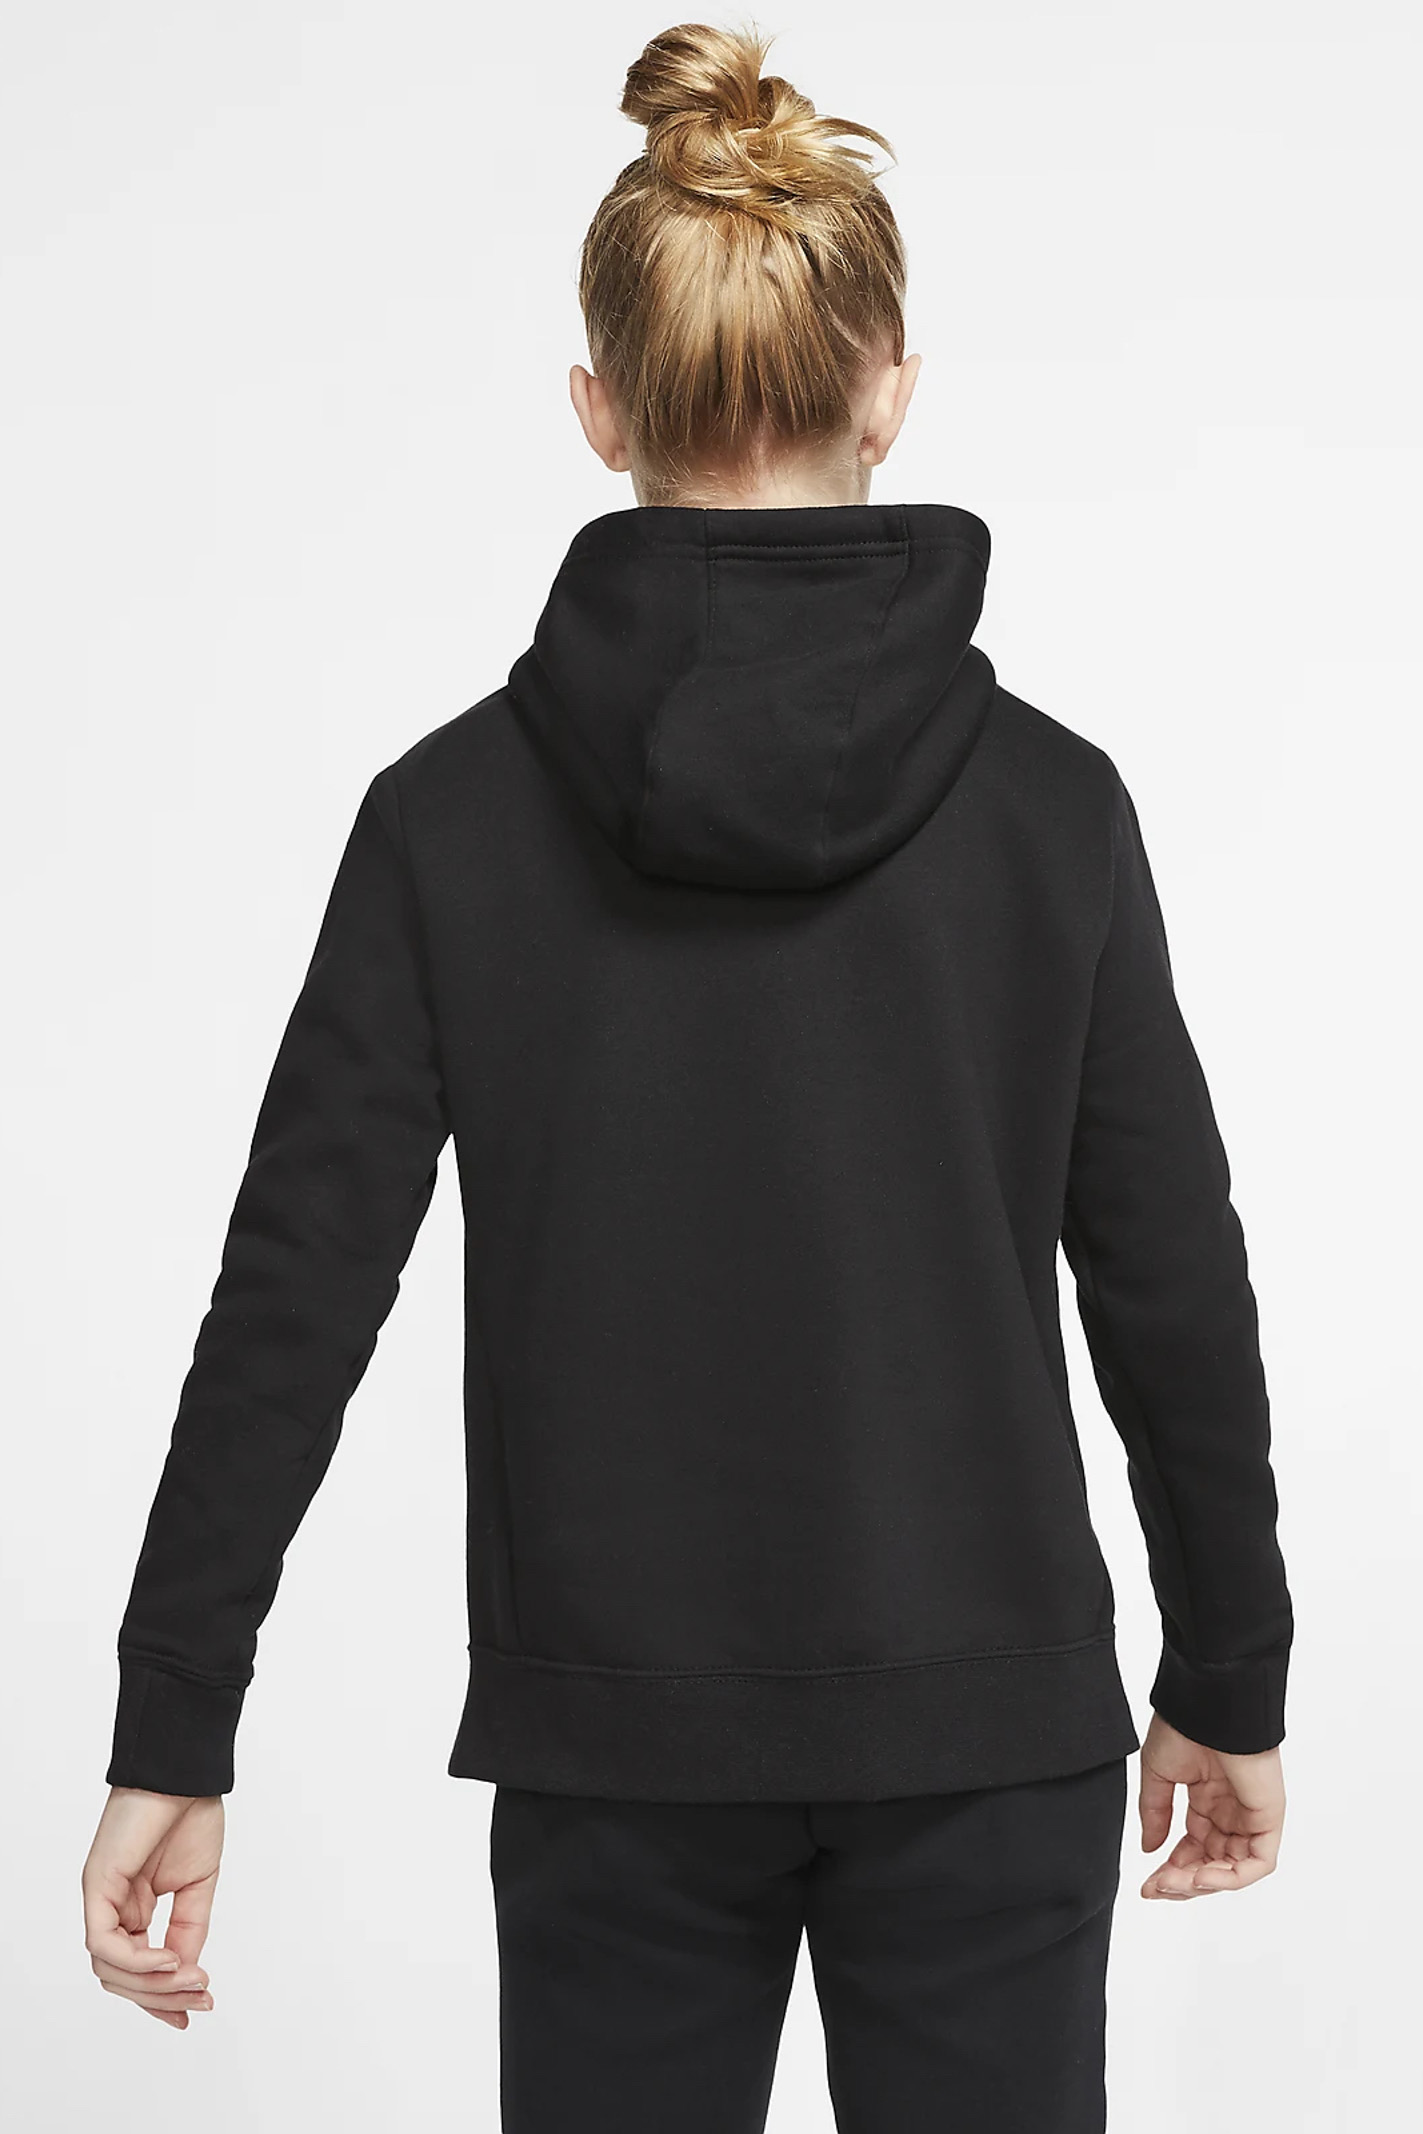 Black hoodie with contrasting front logo. Baby model. Brand: Nike NIKE | Sweatshirt | BV2717010